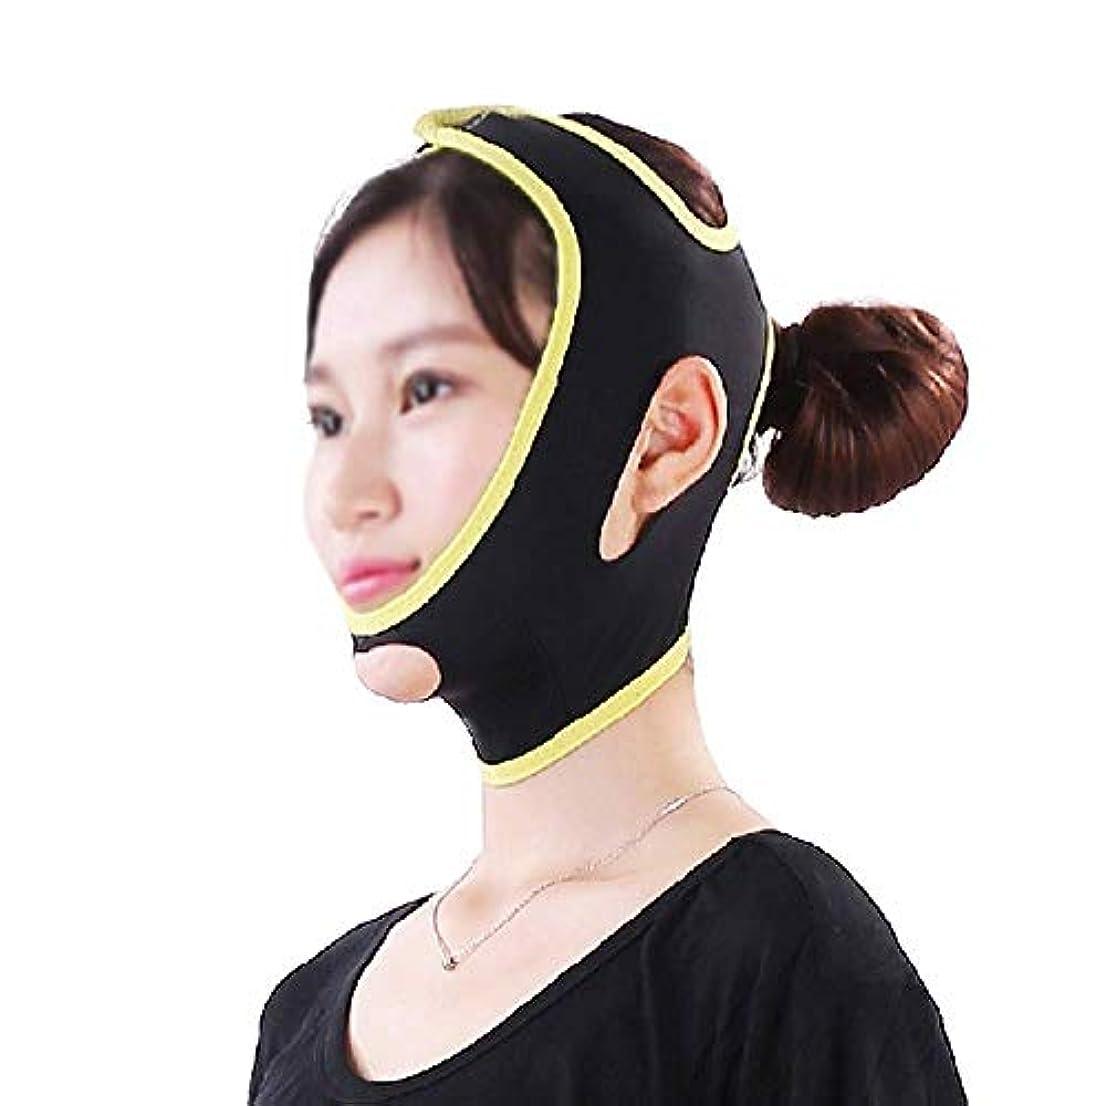 鼻姪有名人フェイスアンドネックリフト、Vフェイスマスクは顔の輪郭を強化して、顎の超弾性包帯を引き締める咬筋を緩和します(サイズ:M)